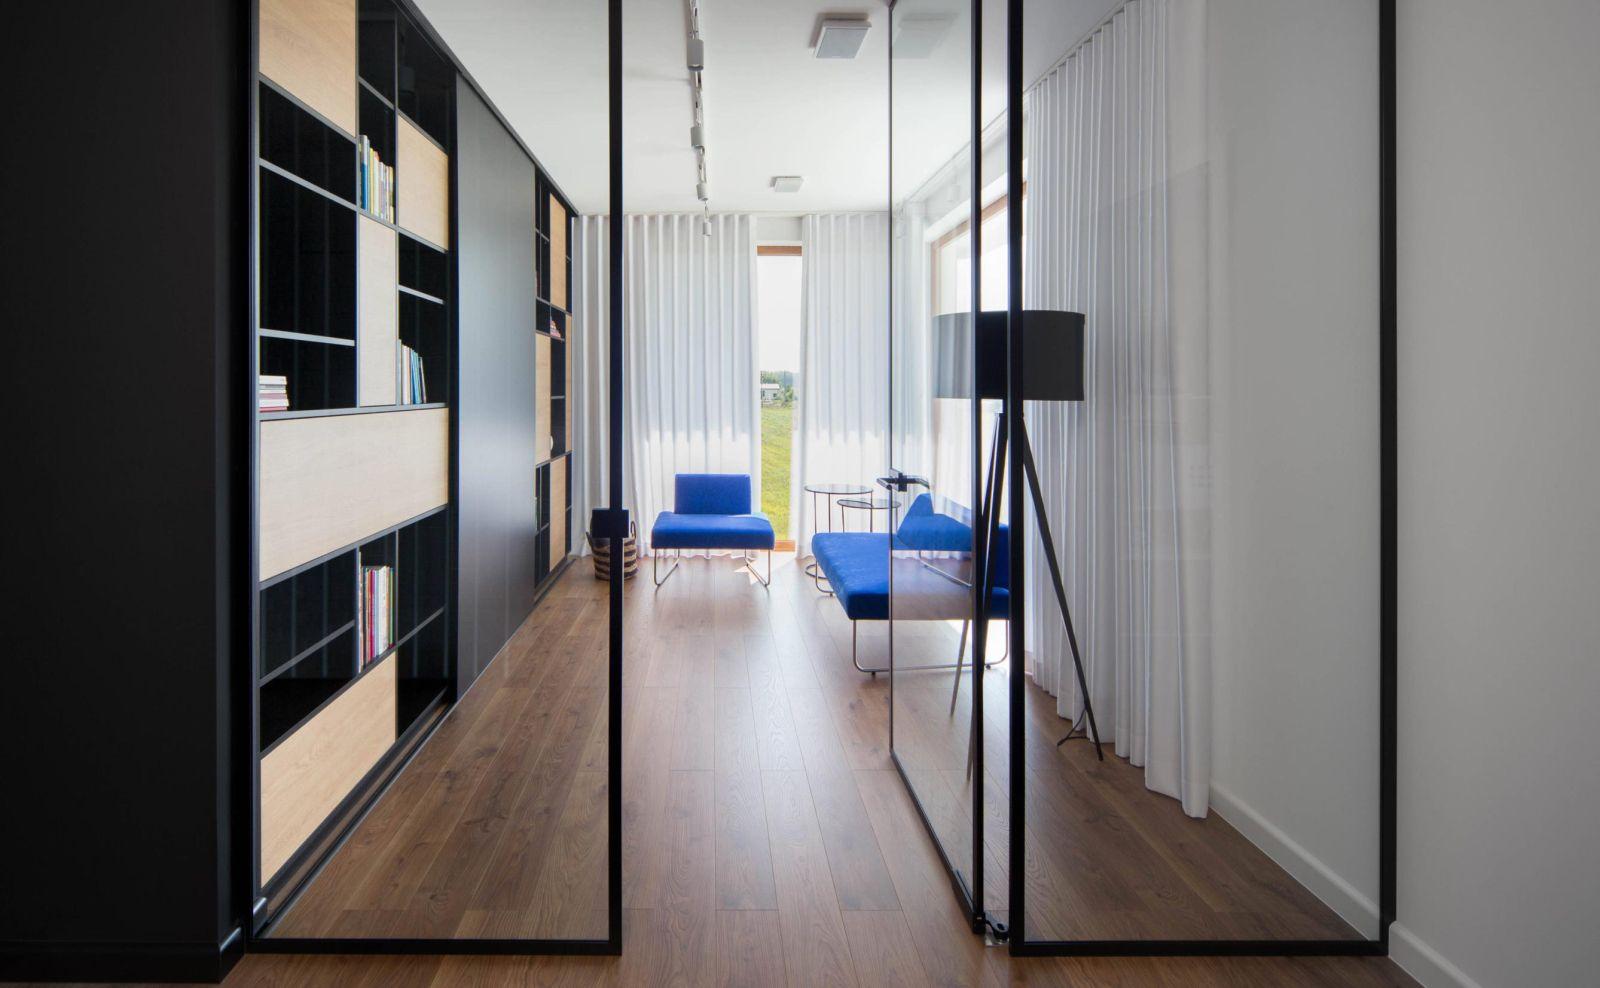 III miejsce w kategorii Wnętrza Prywatne | Katarzyna Widawska, Widawscy Studio Architektury